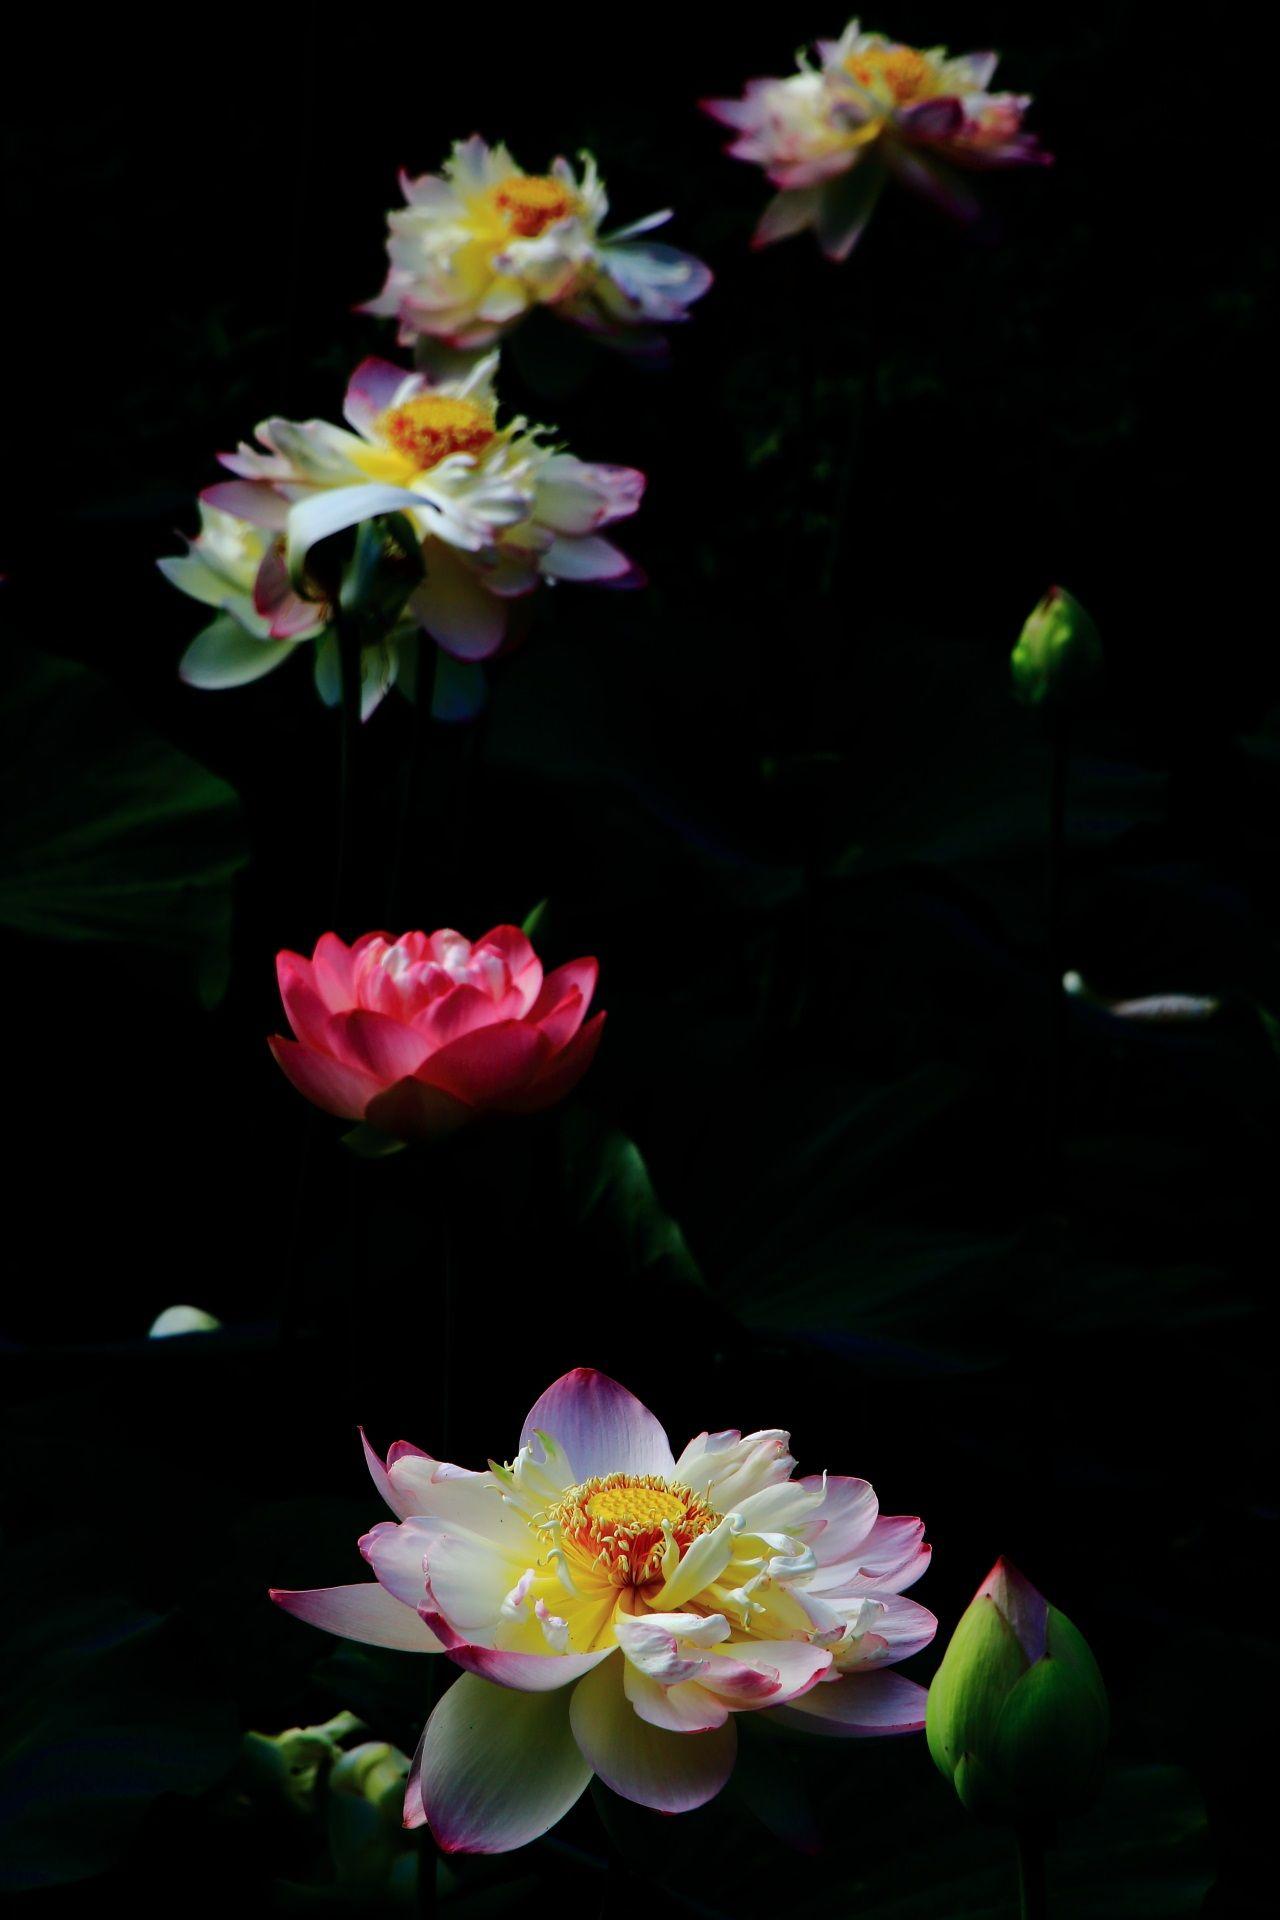 智積院 蓮 咲き誇る白とピンクの輝くハスの花 蓮の花 睡蓮 花言葉